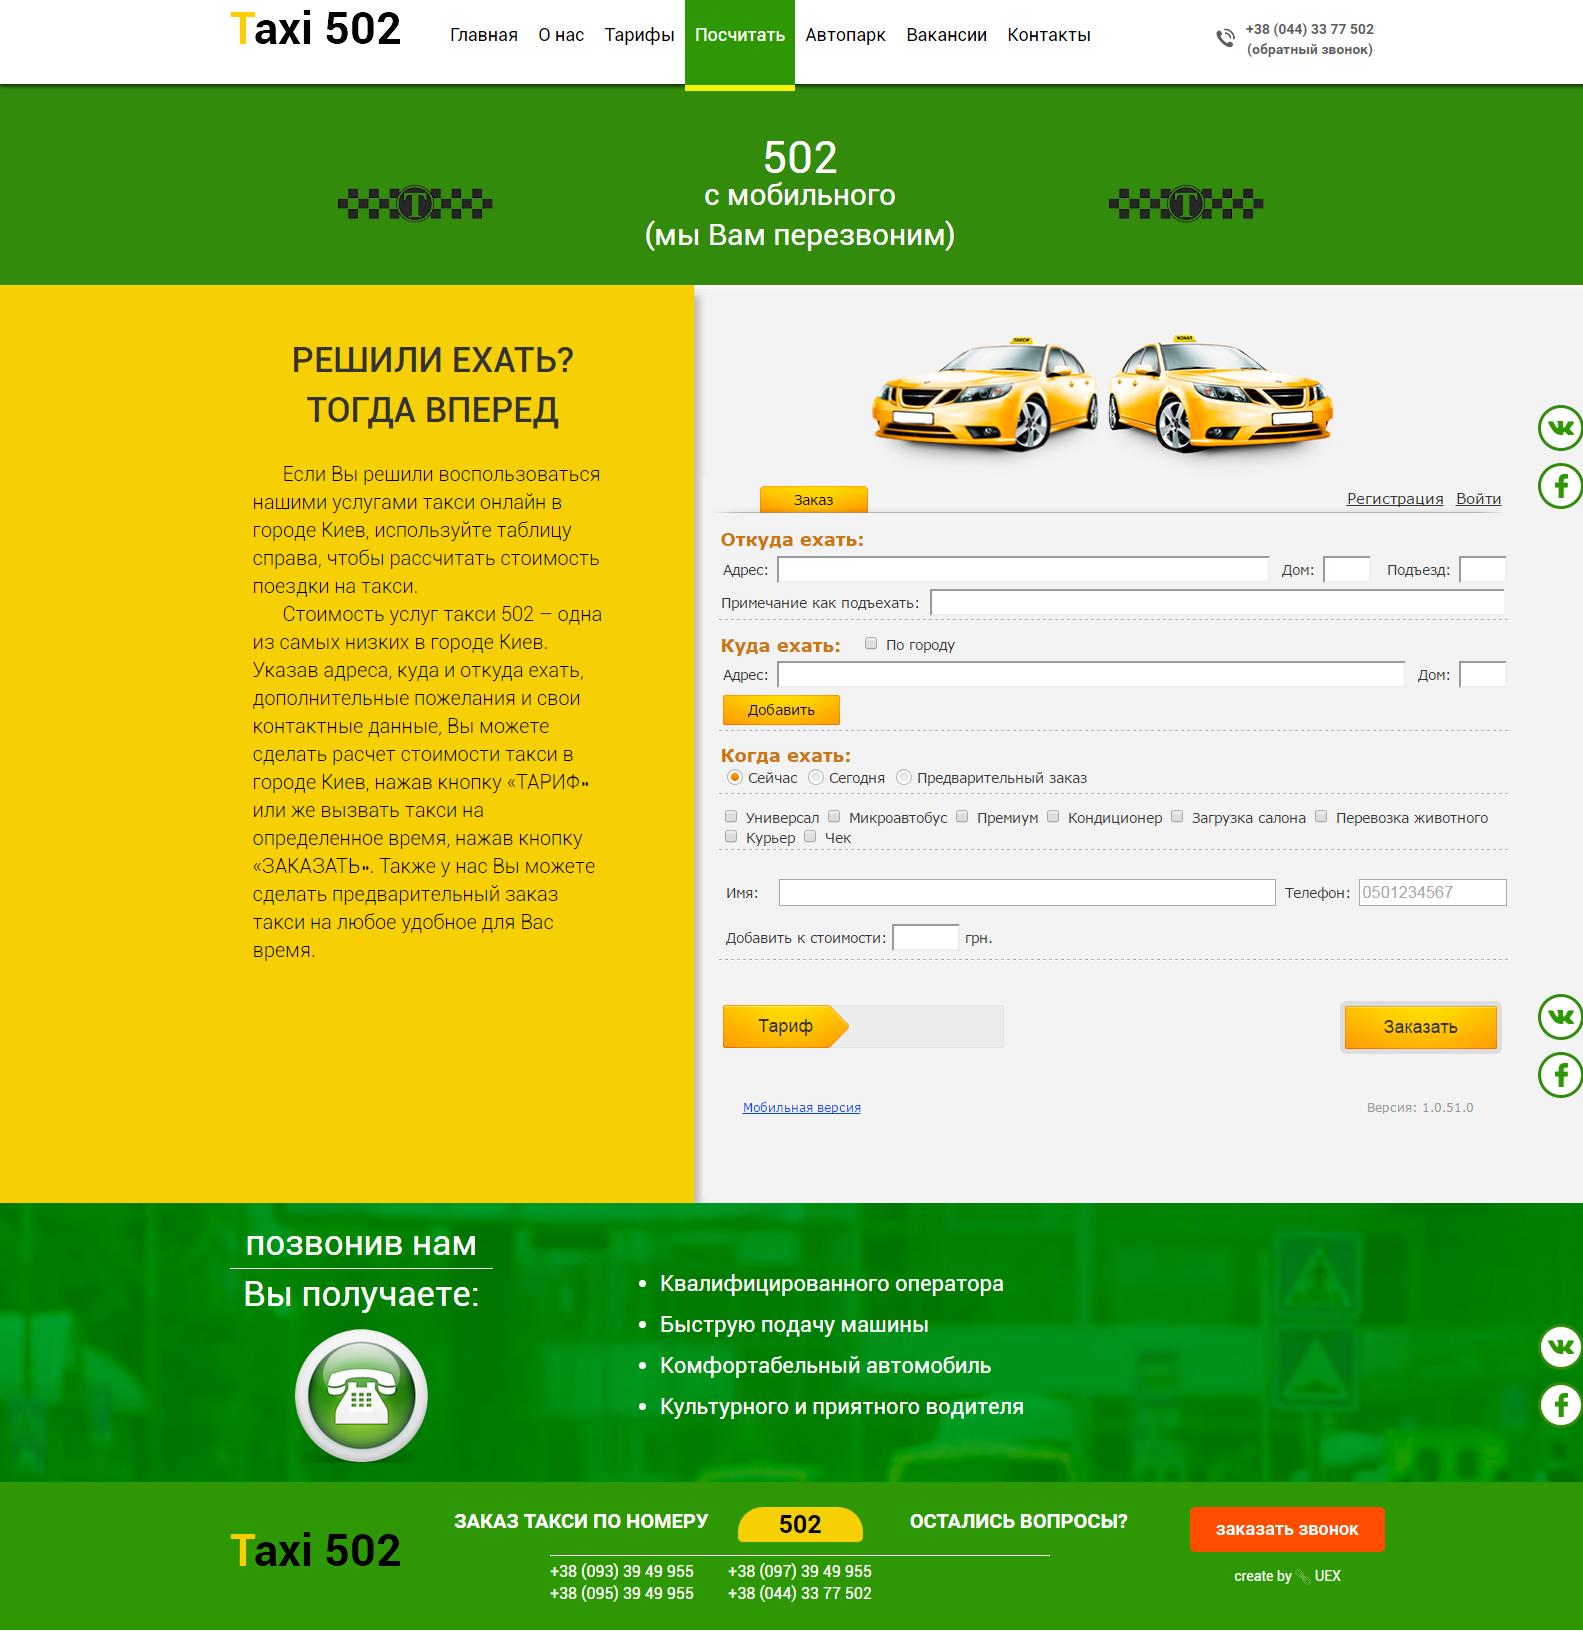 Дубликаты гос номеров на такси за 5 минут - 900 руб 49